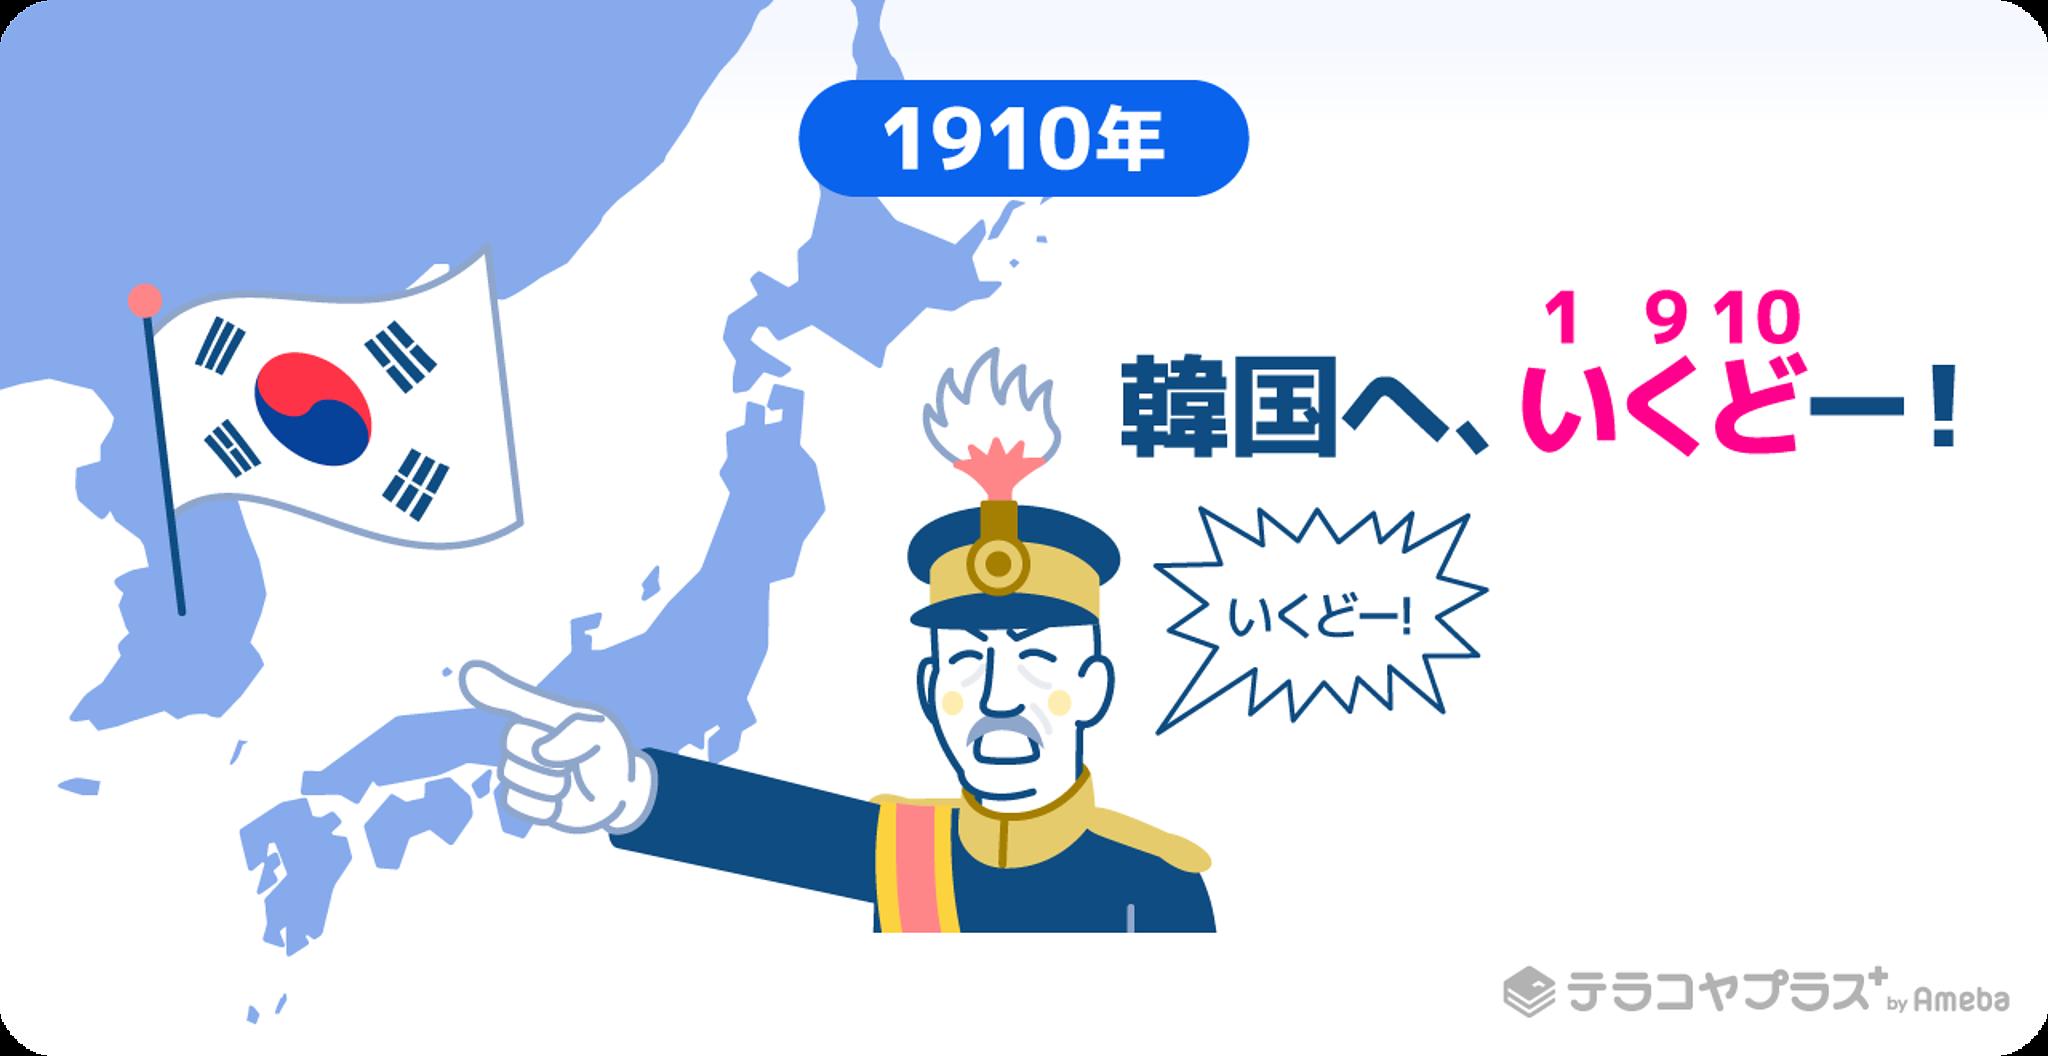 韓国へ行けと命令するイラスト画像